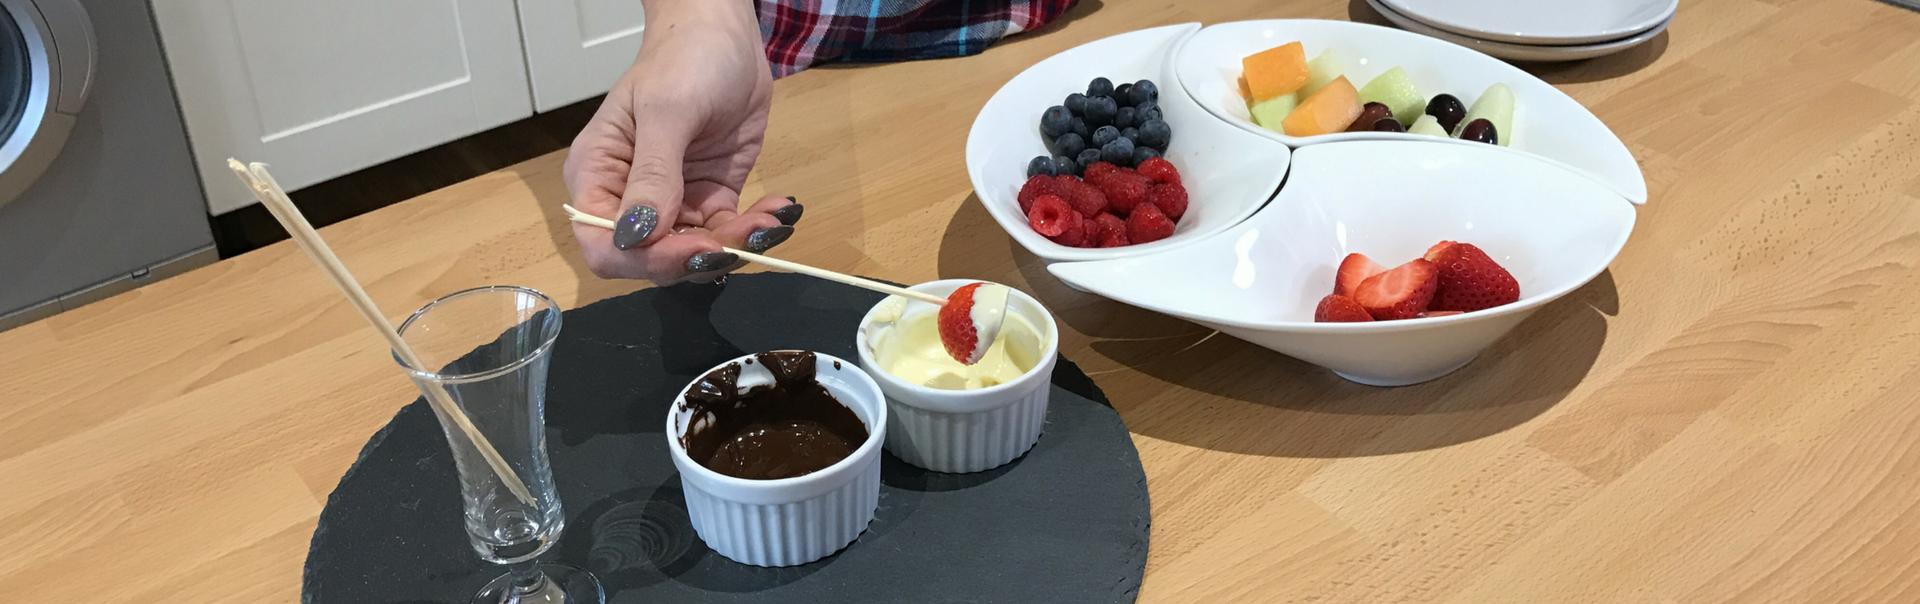 healthy fruit fondue